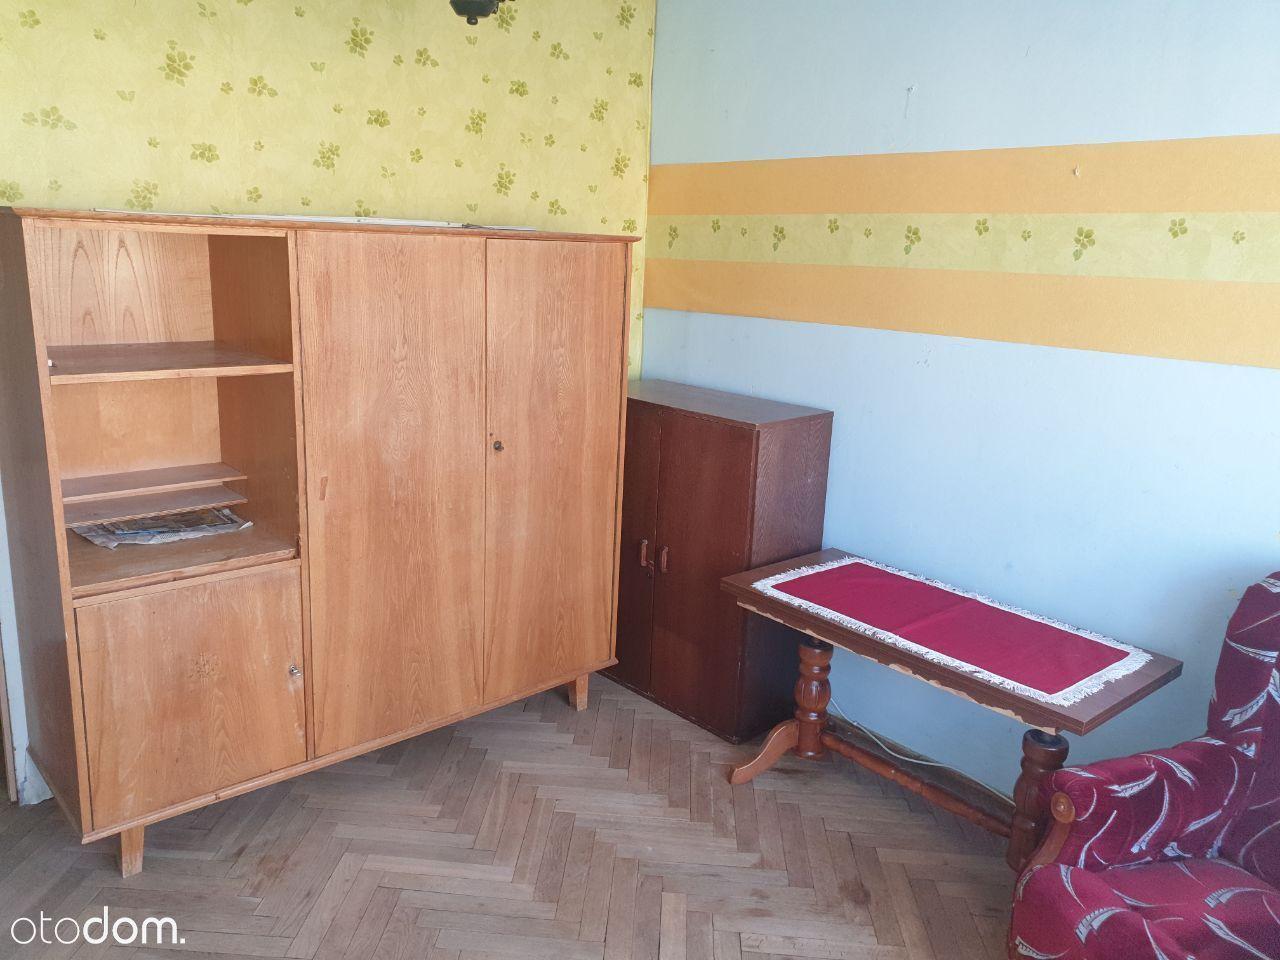 Mieszkanie M-4, Błonie, Bydgoszcz, bez pośredników